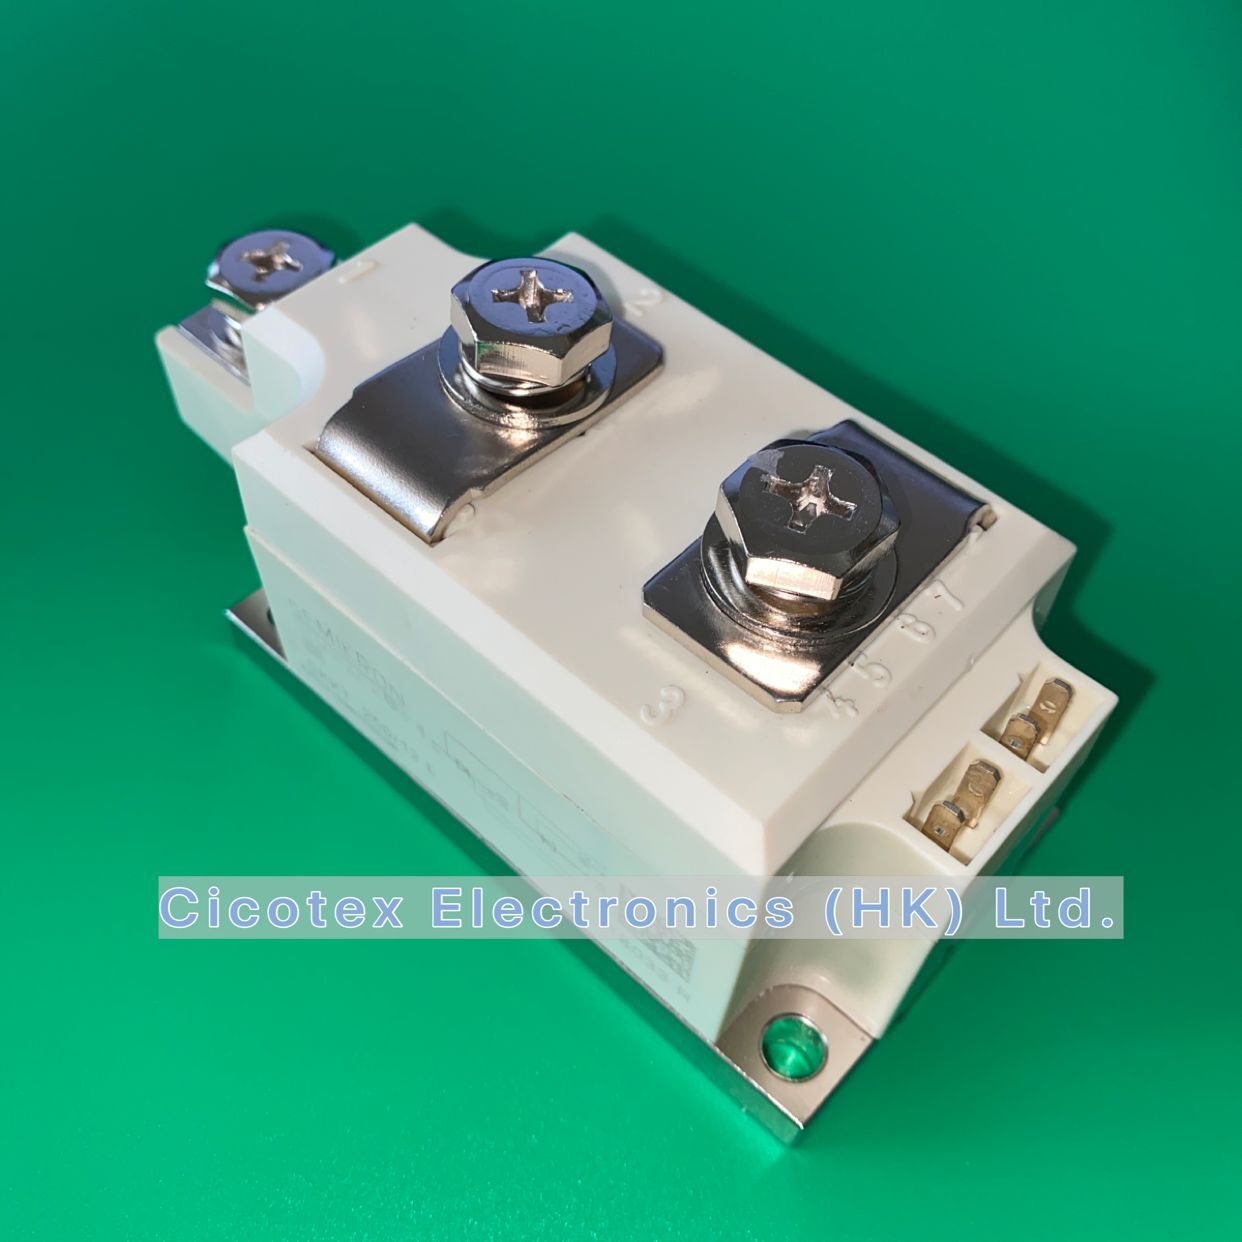 SKKT250/12E MODULE SKKT 250/12E IGBT THYRISTOR DIODE MODULES SKKT250-12E SKKT 250-12 E SKKT25012E